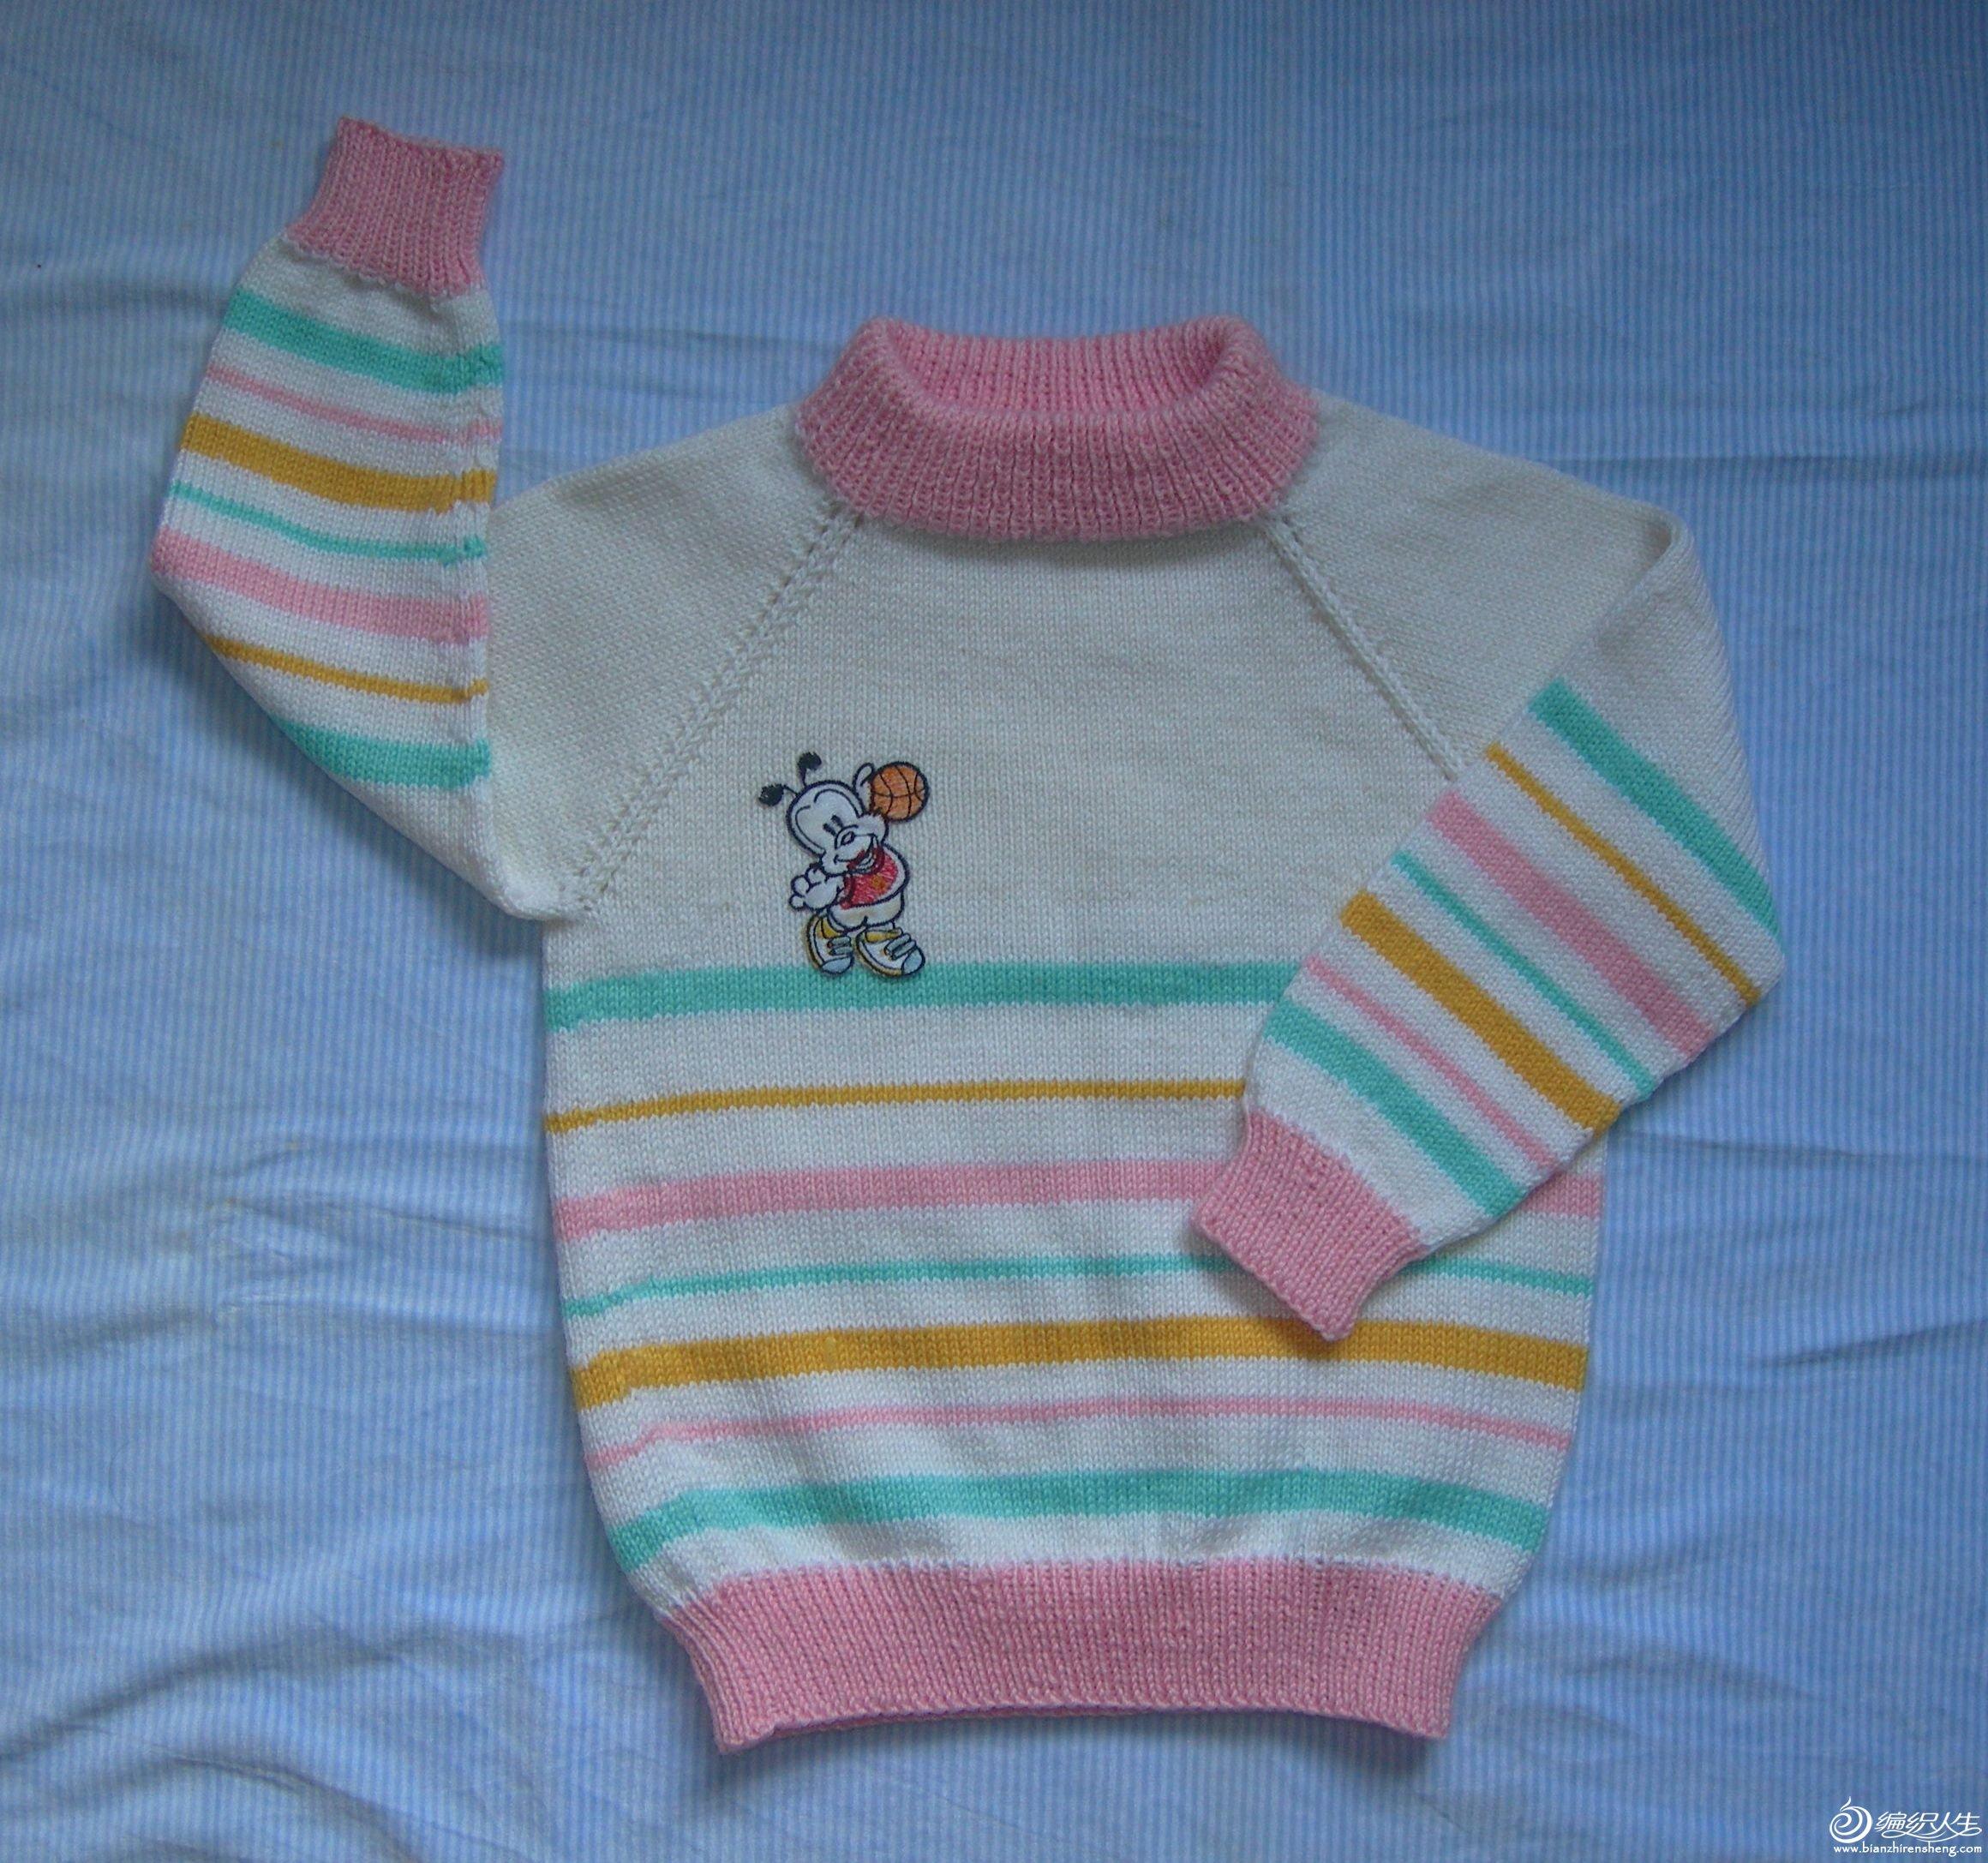 儿童毛衣平绣图案_简单的儿童毛衣图案 - 编织人生